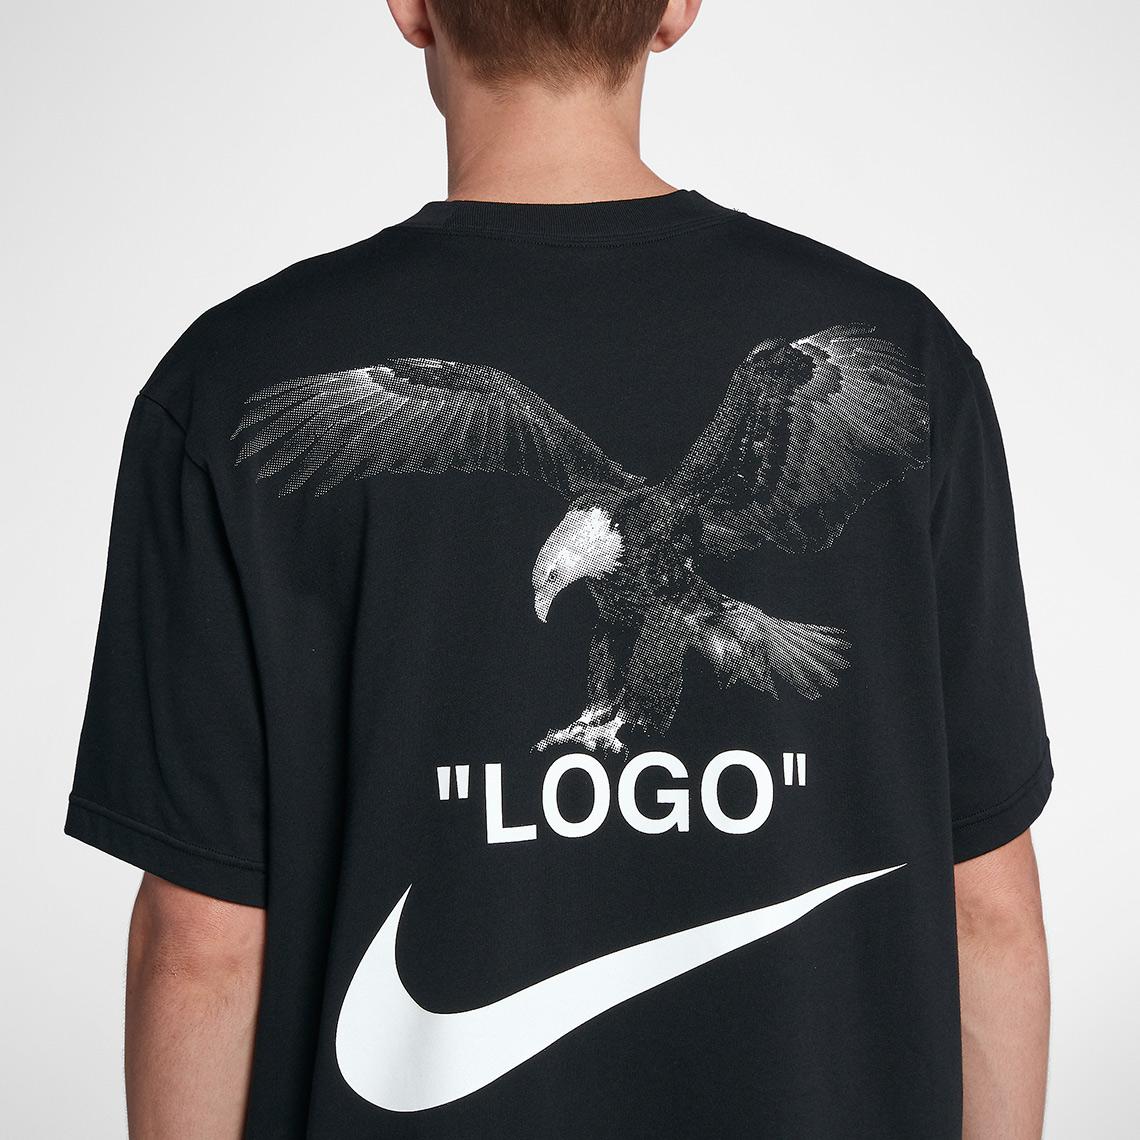 ekskluzywne oferty klasyczne buty słodkie tanie OFF WHITE Nike Football Apparel Release Info | SneakerNews.com